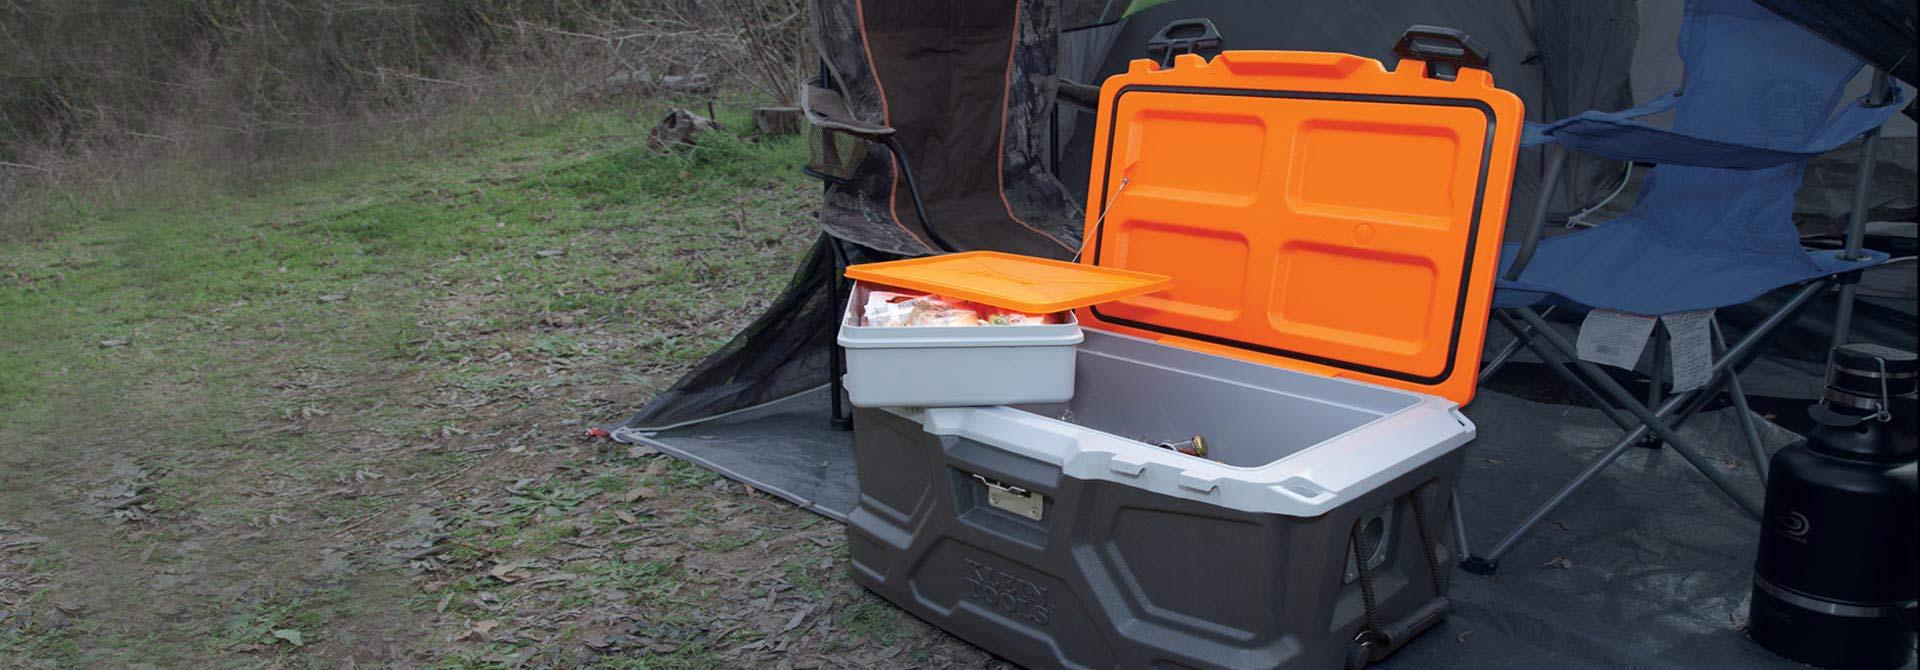 Tradesman Pro\u2122\r\n48-Quart Cooler